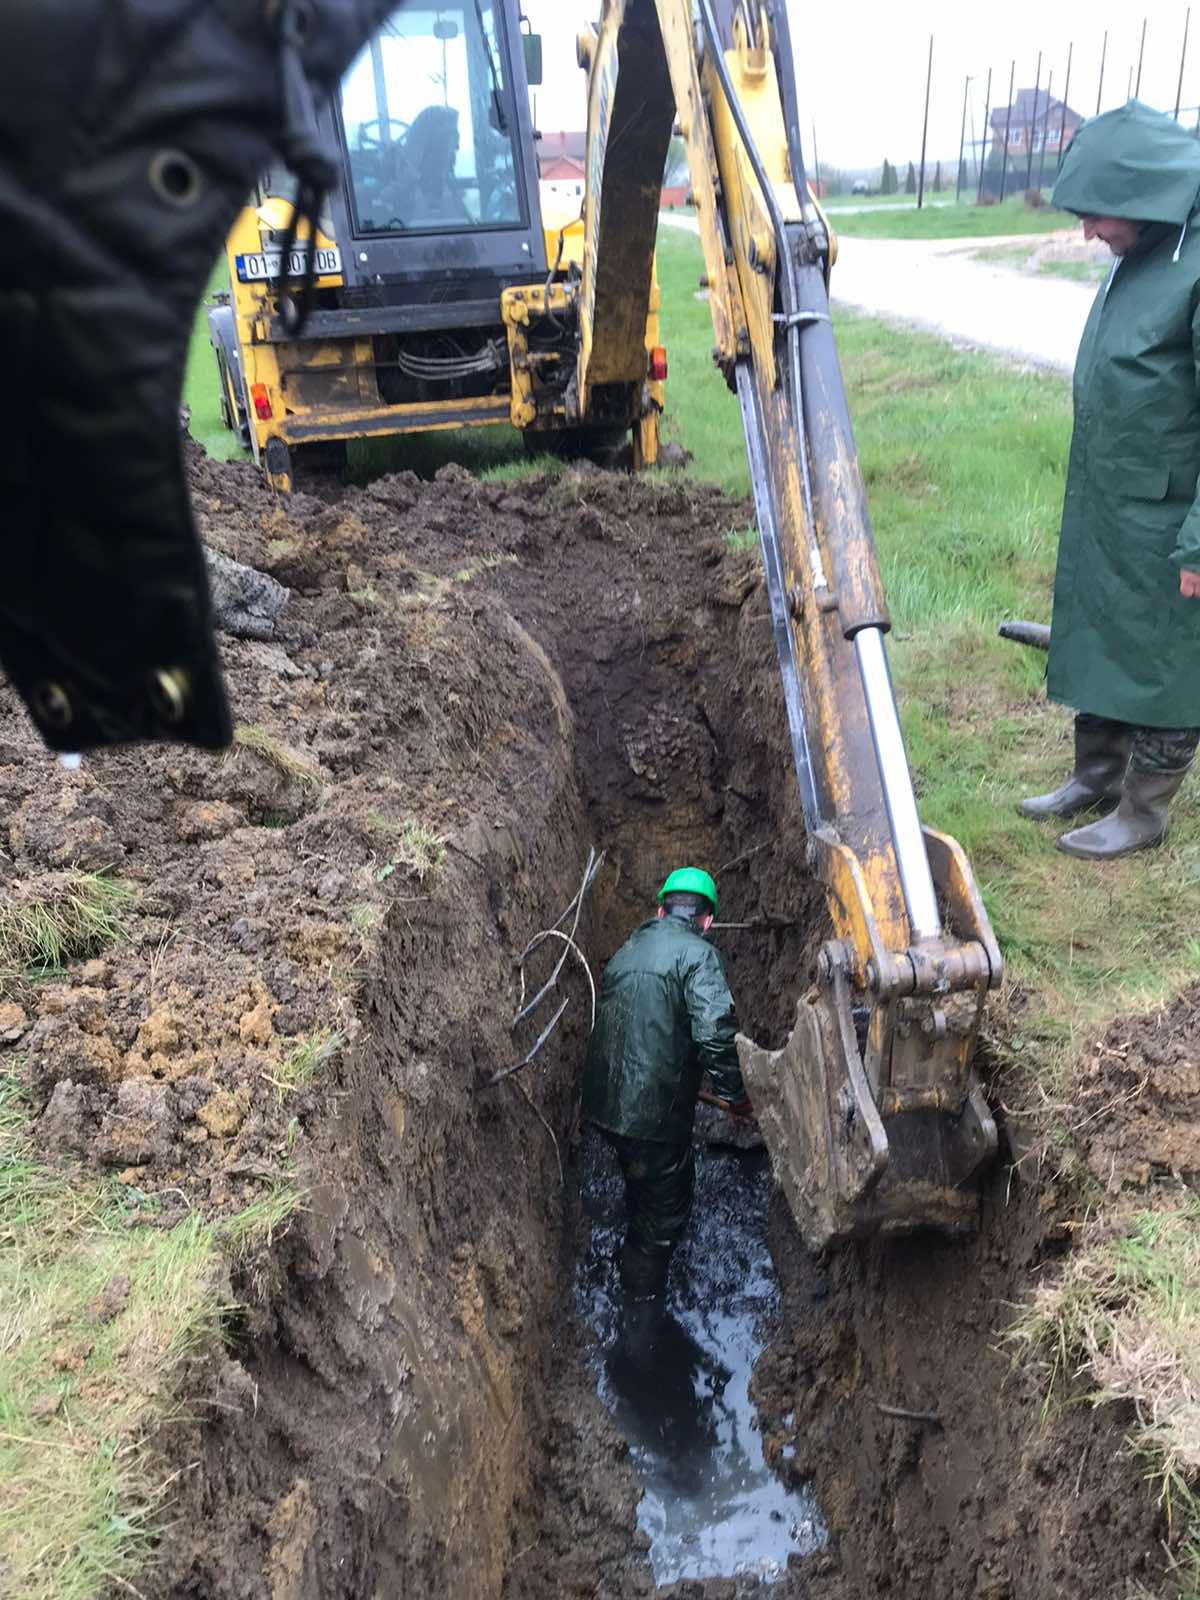 Intervenim në sistemin e rjetit të ujërave të zeza,në fshatin Henc